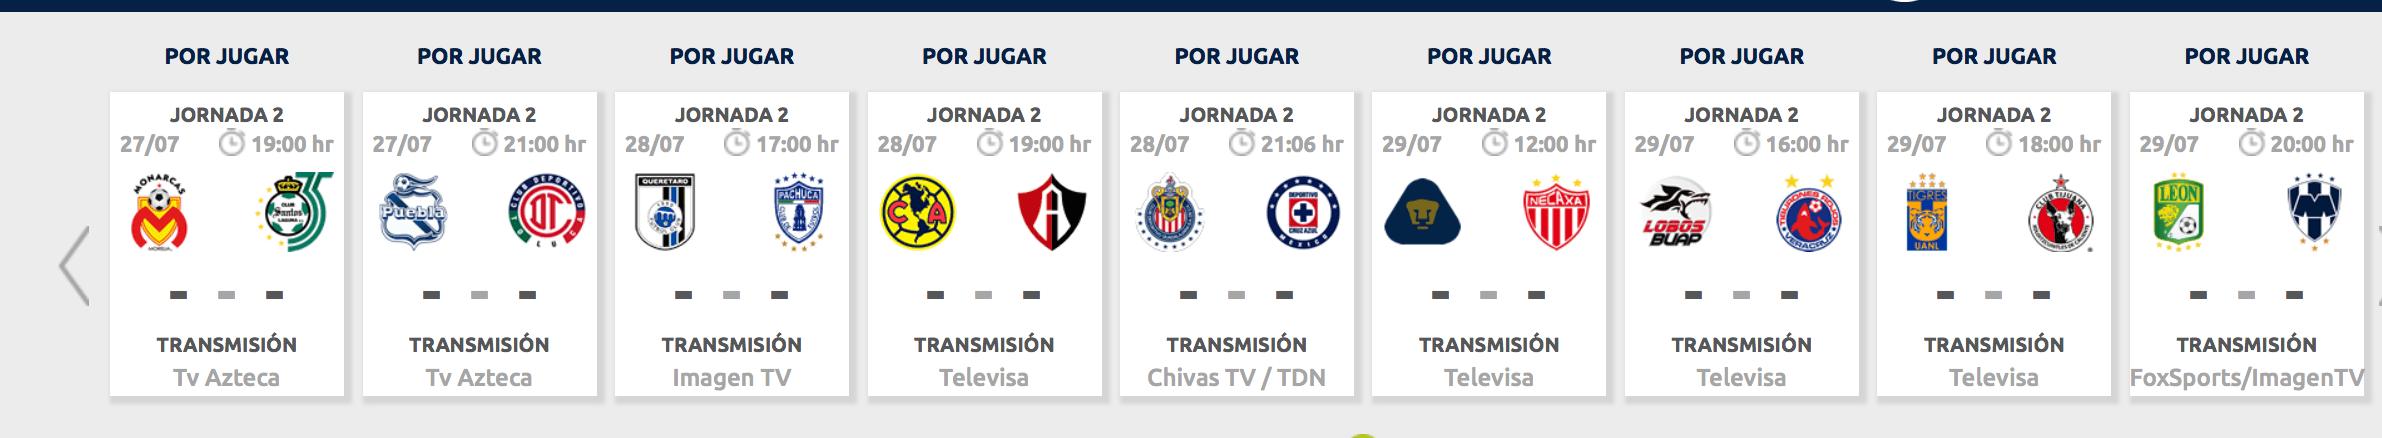 ¿Cómo, cuándo y dónde ver la Jornada 2 de la Liga MX?